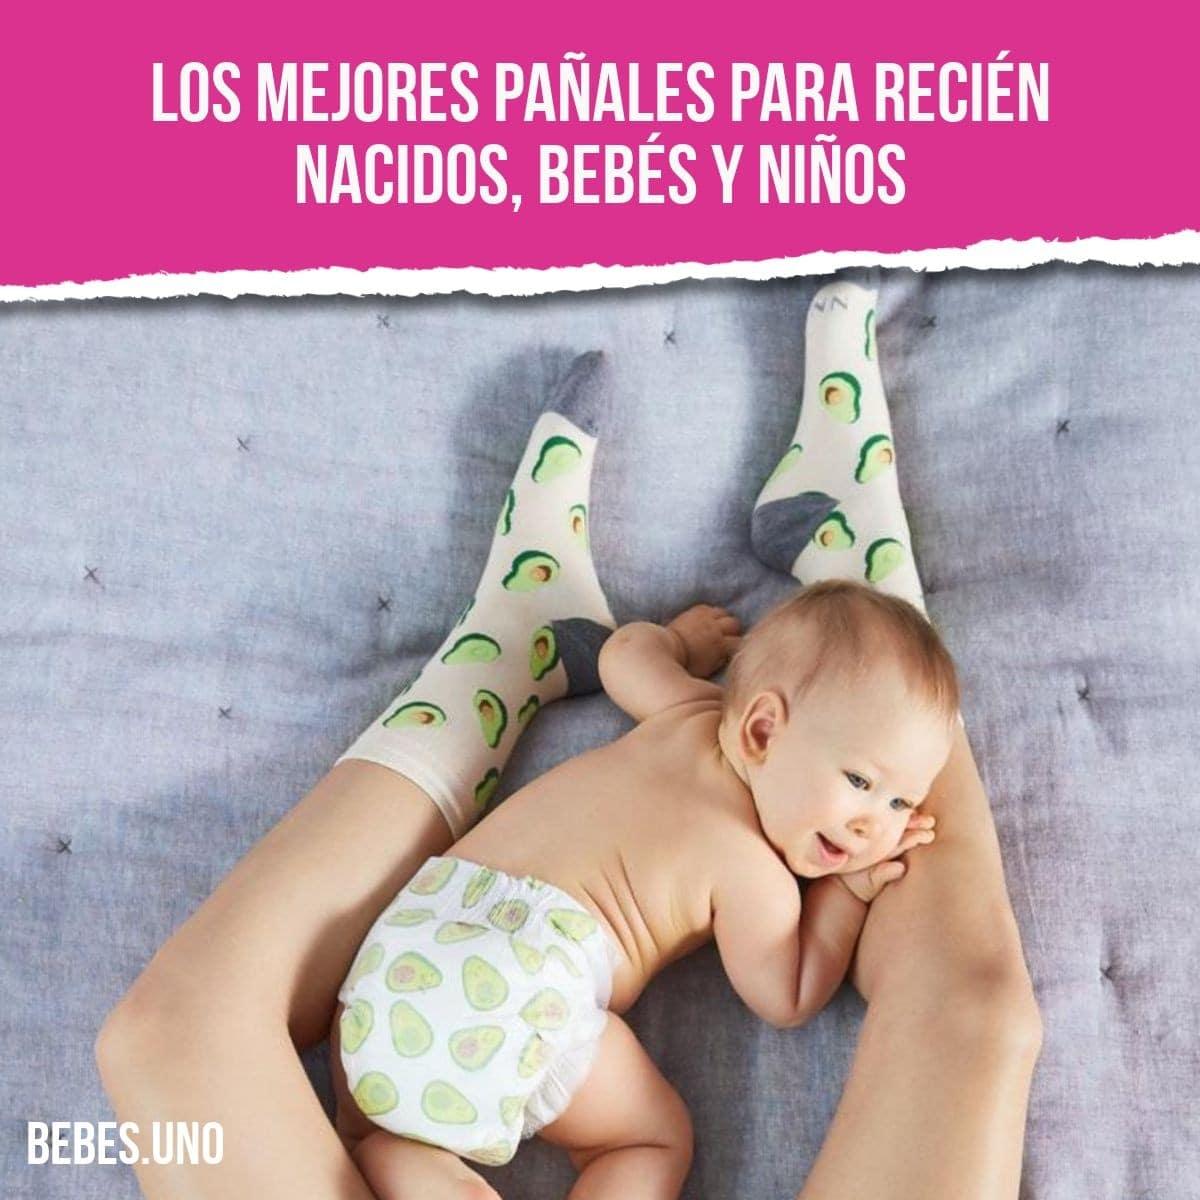 Los mejores pañales para recién nacidos, bebés y niños